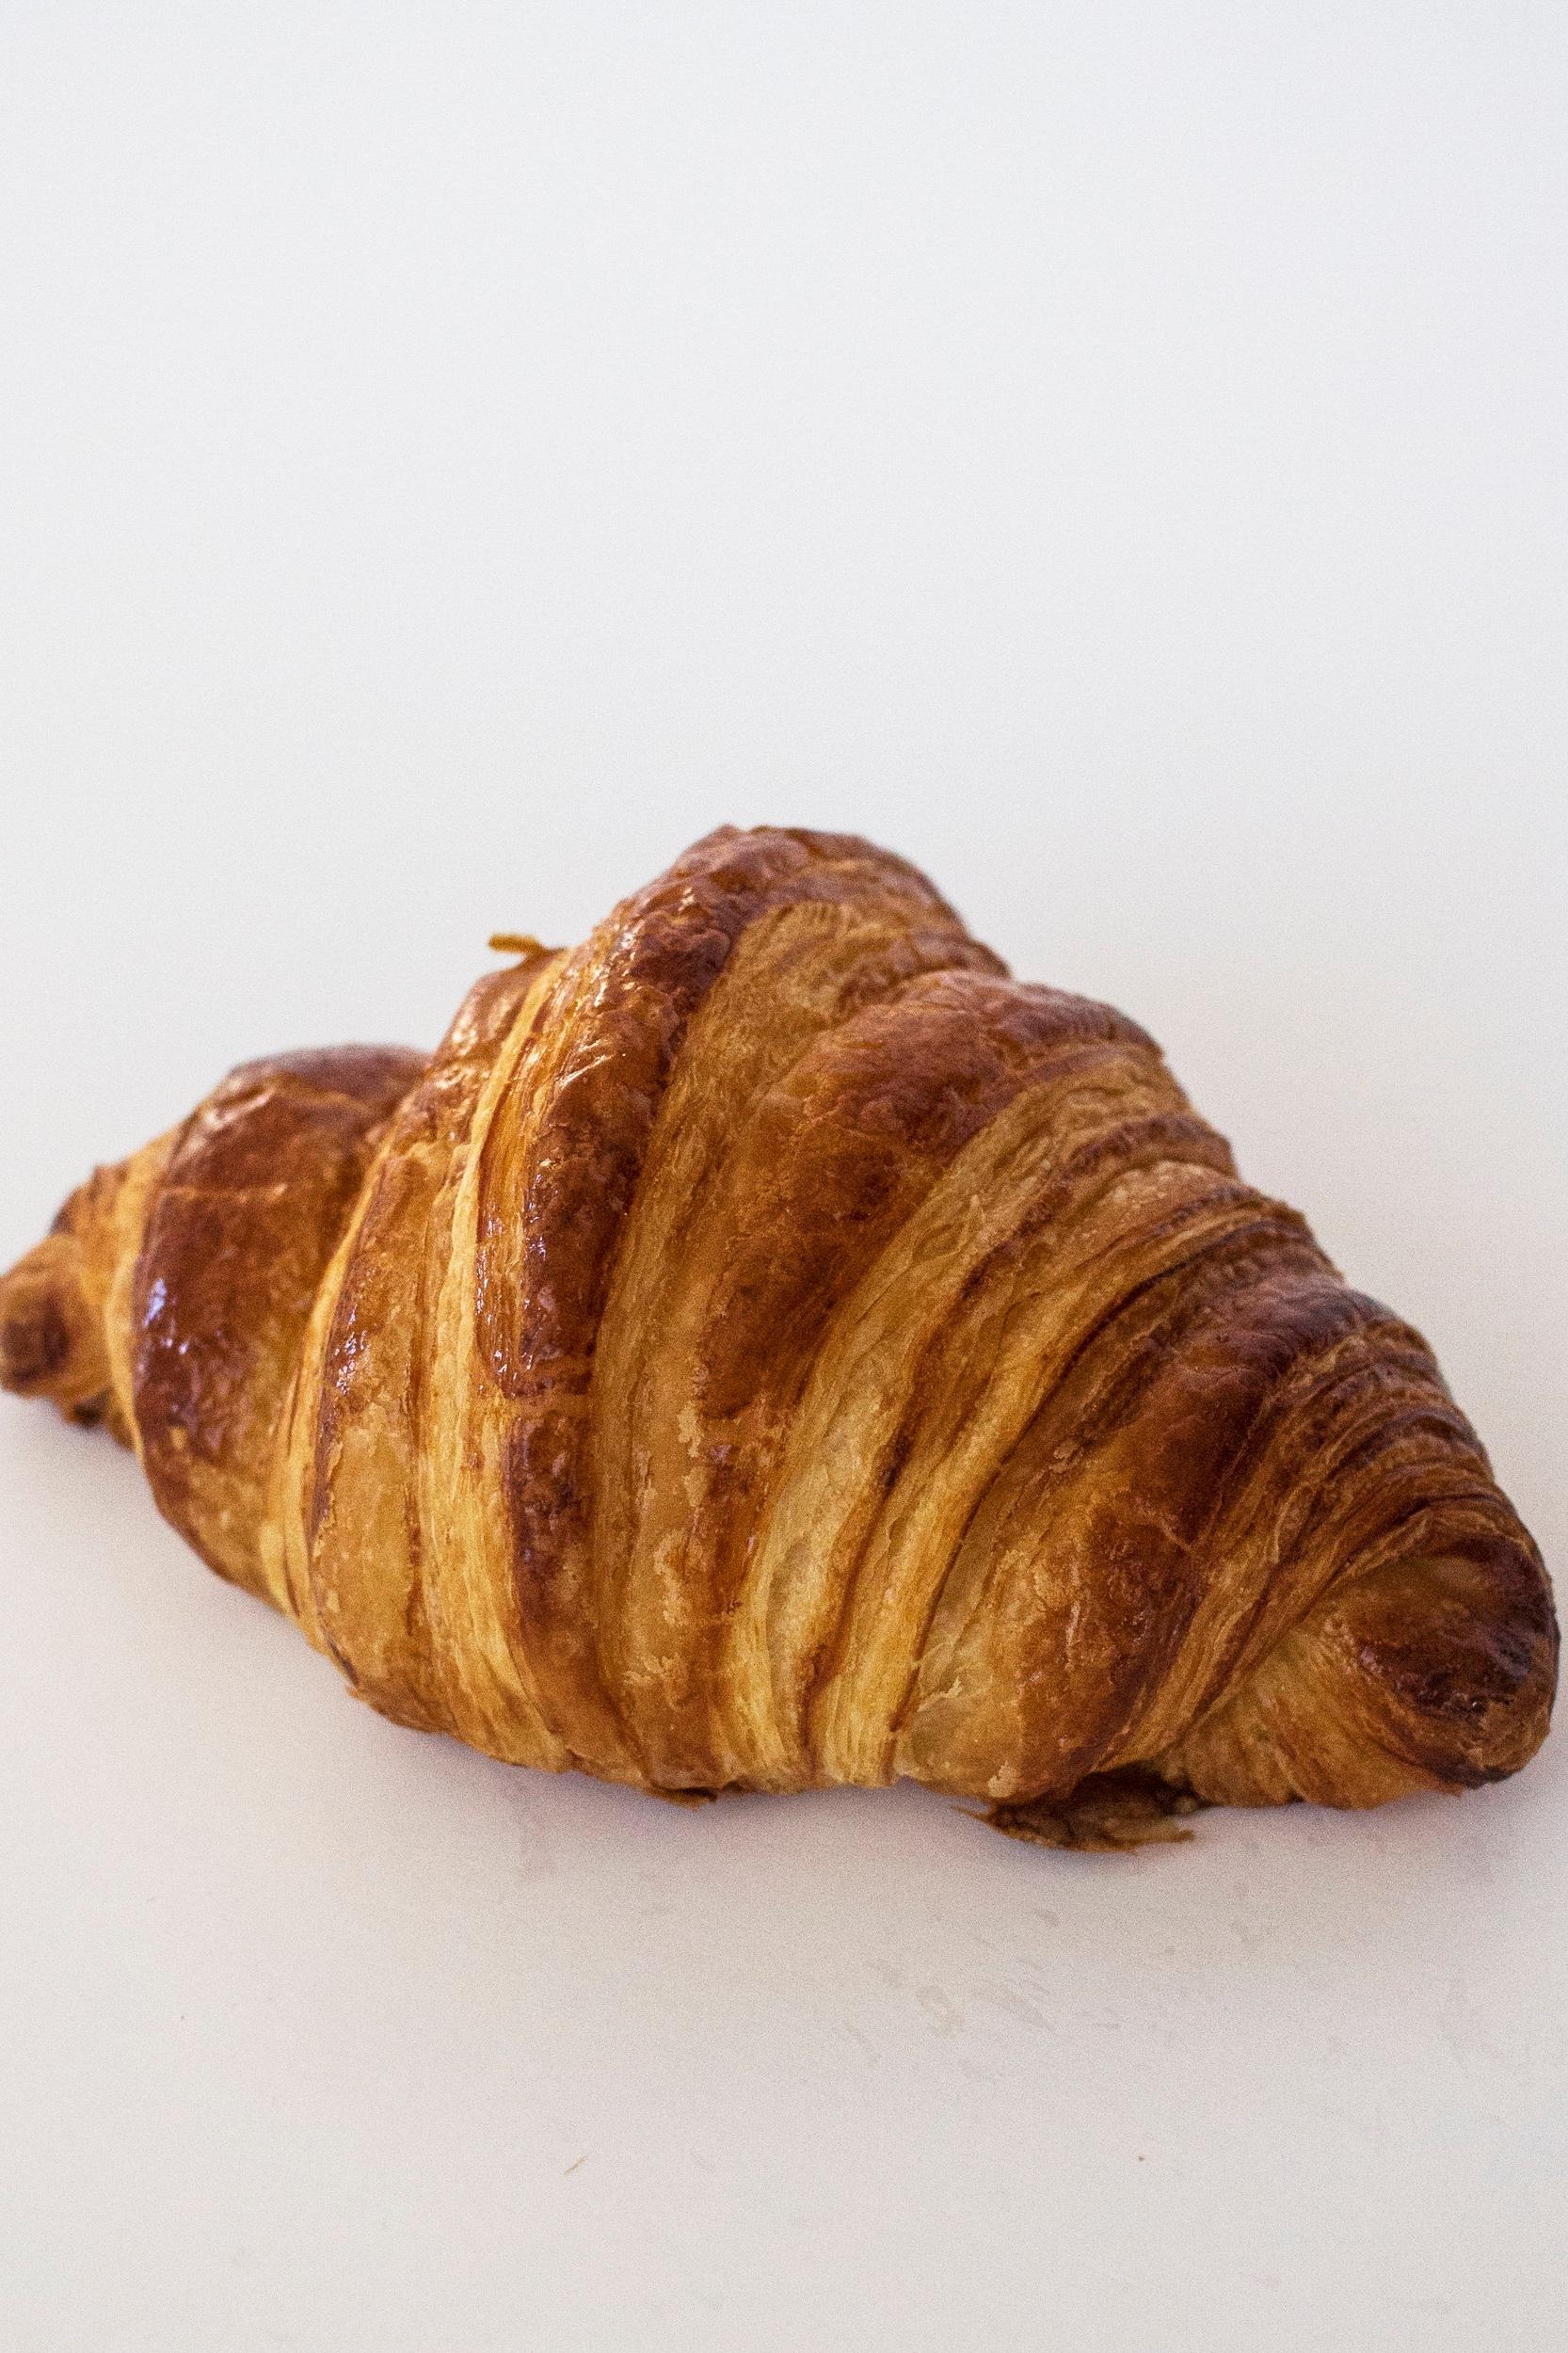 Croissant 33:- - Laktosfri CroissantInnehåll: VETEMJÖL, vatten, smör laktosfritt (GRÄDDE, salt, syrningskultur), socker, jäst, salt, VETEGLUTEN, druvsocker, vegetabiliskt fett (raps), ÄGG